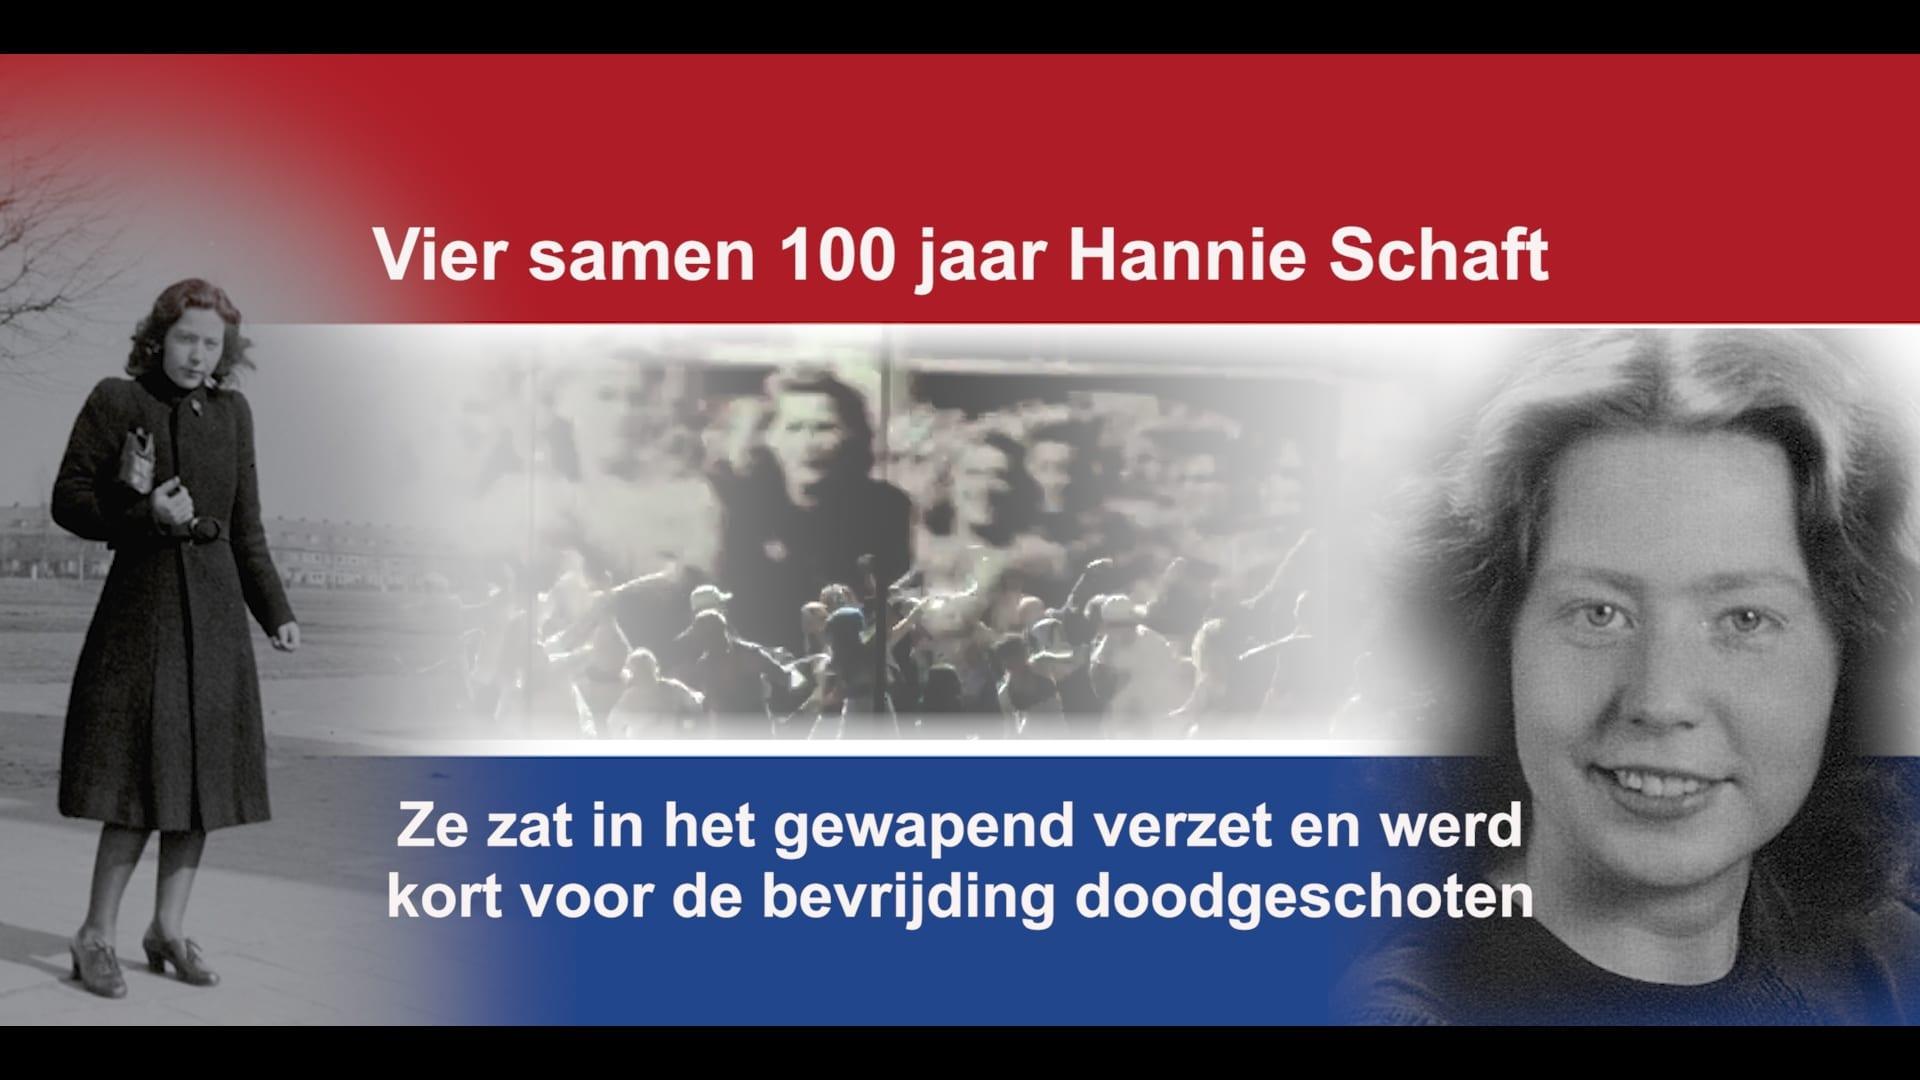 Hannie Schaft 100 Jaar 2020 Geef Een gezicht